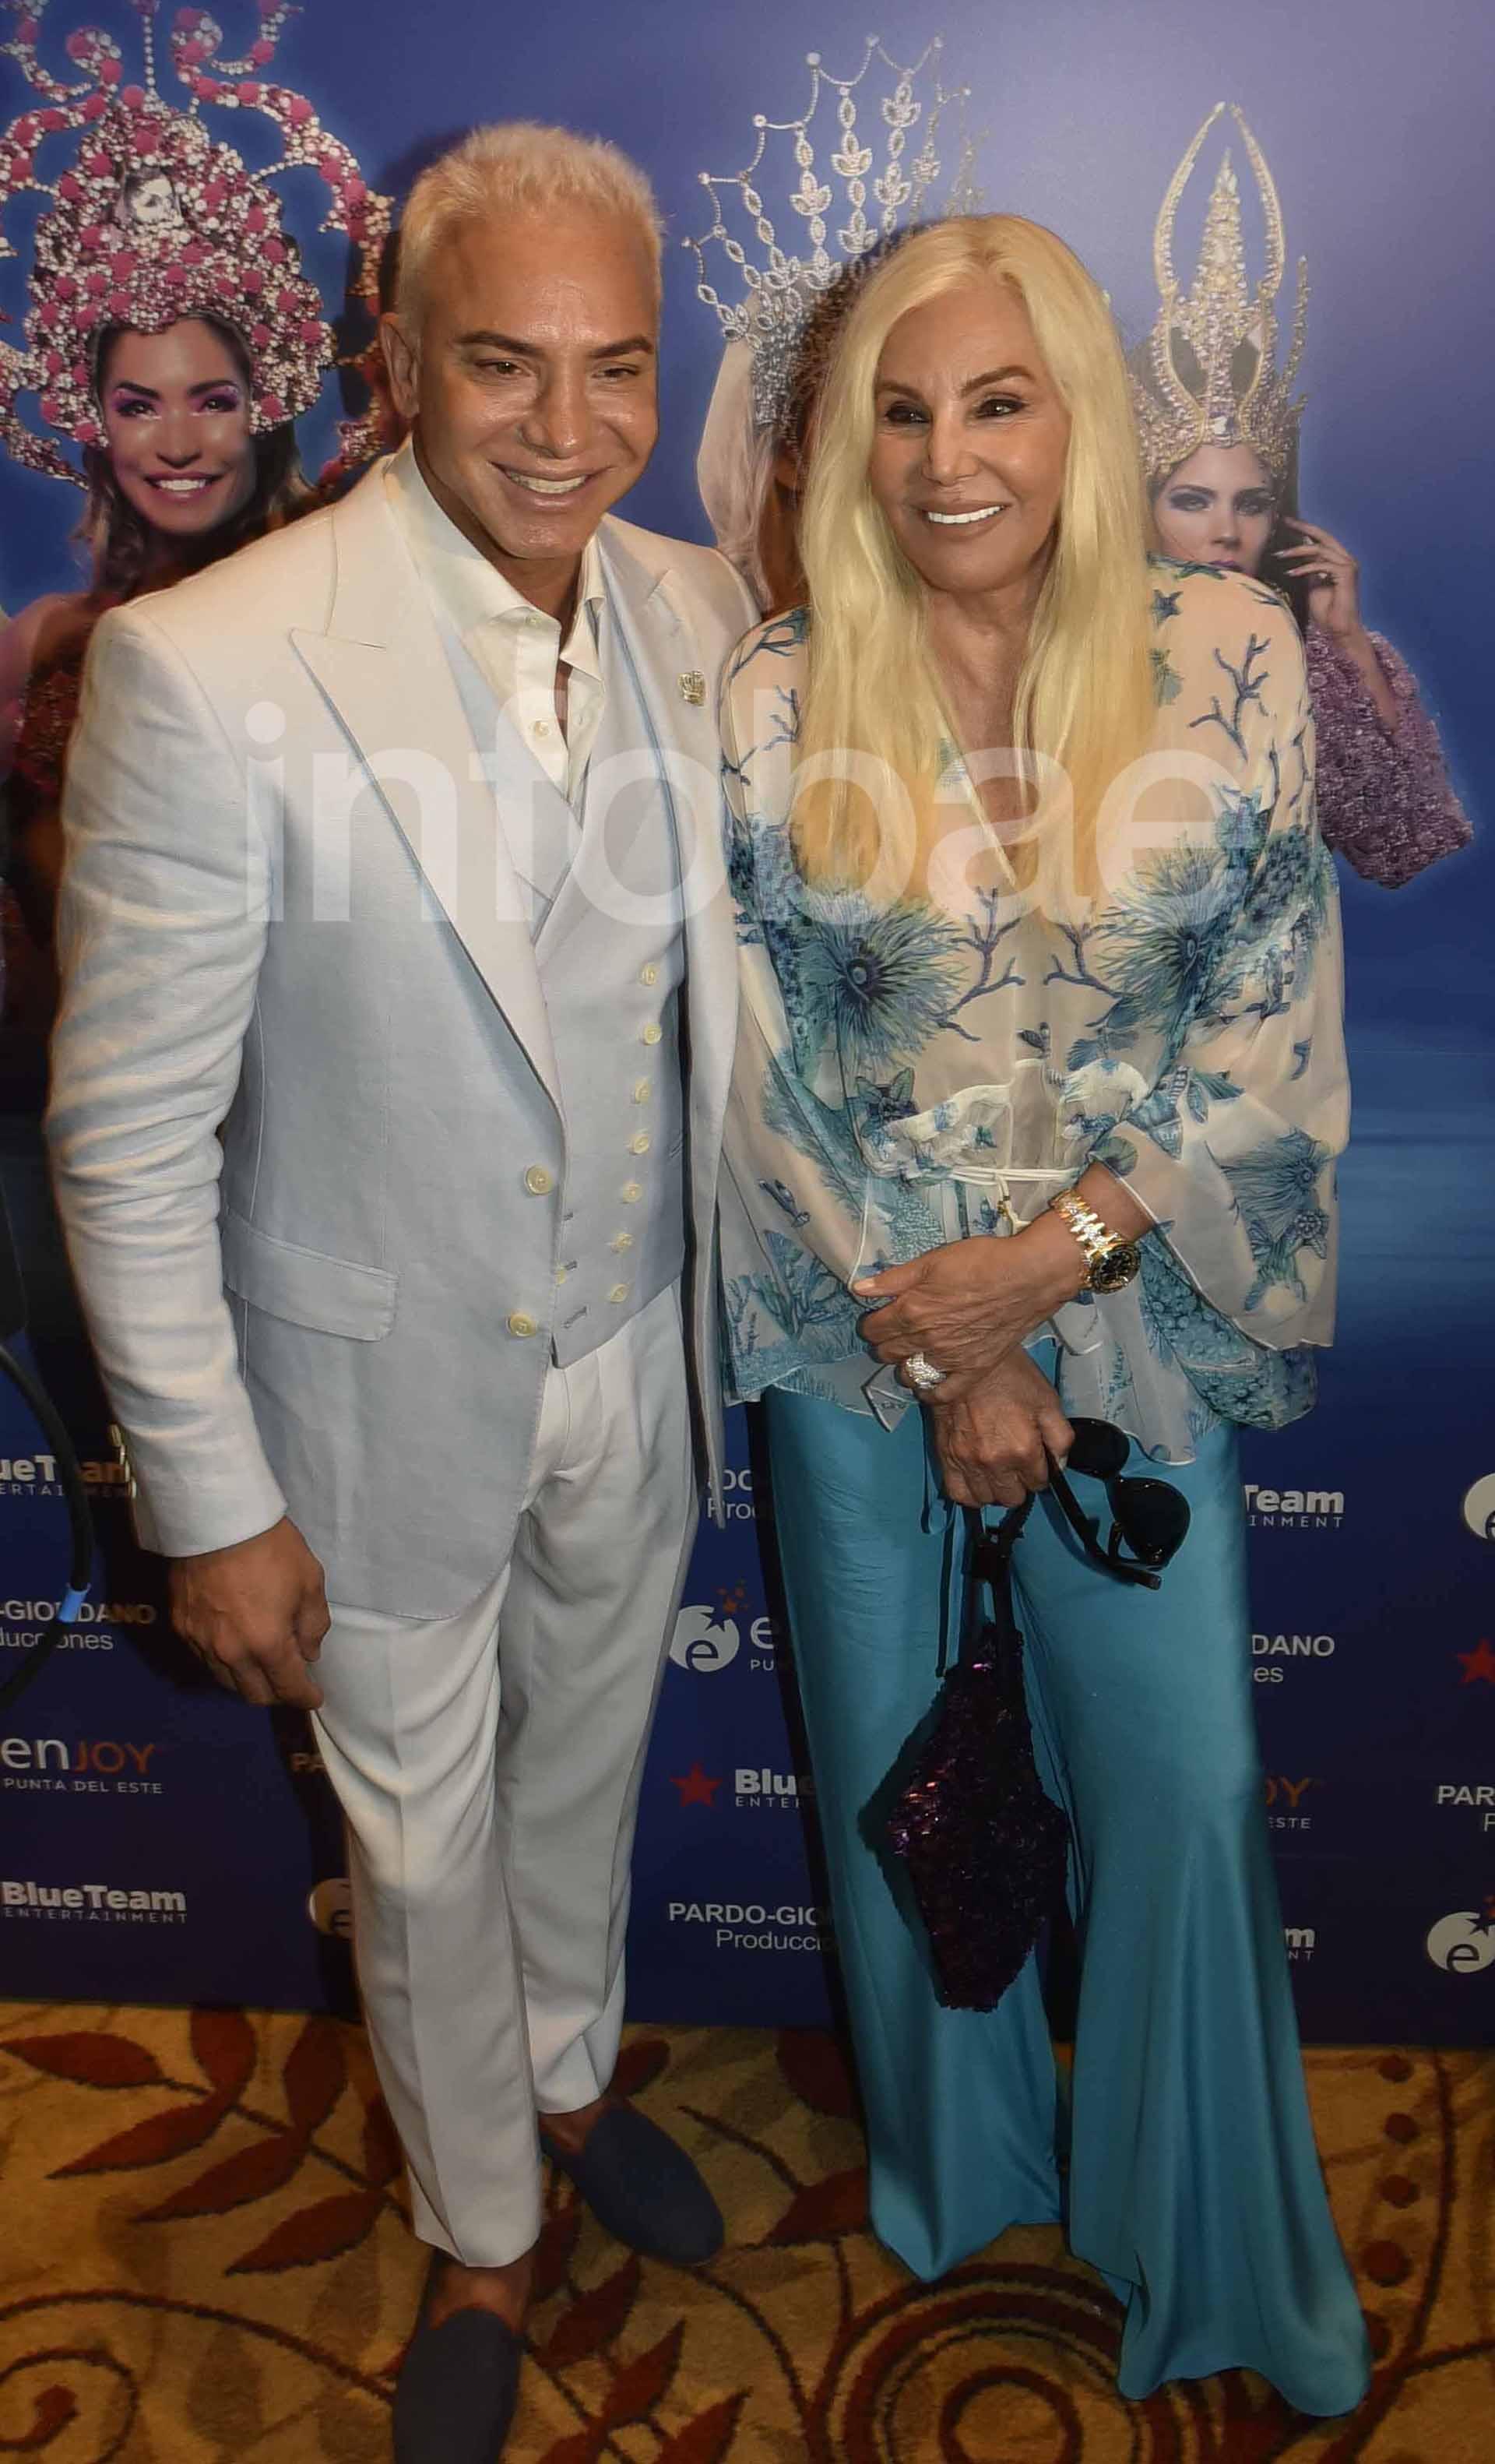 La diva lució un conjunto de blusa estampada y pantalón turquesa